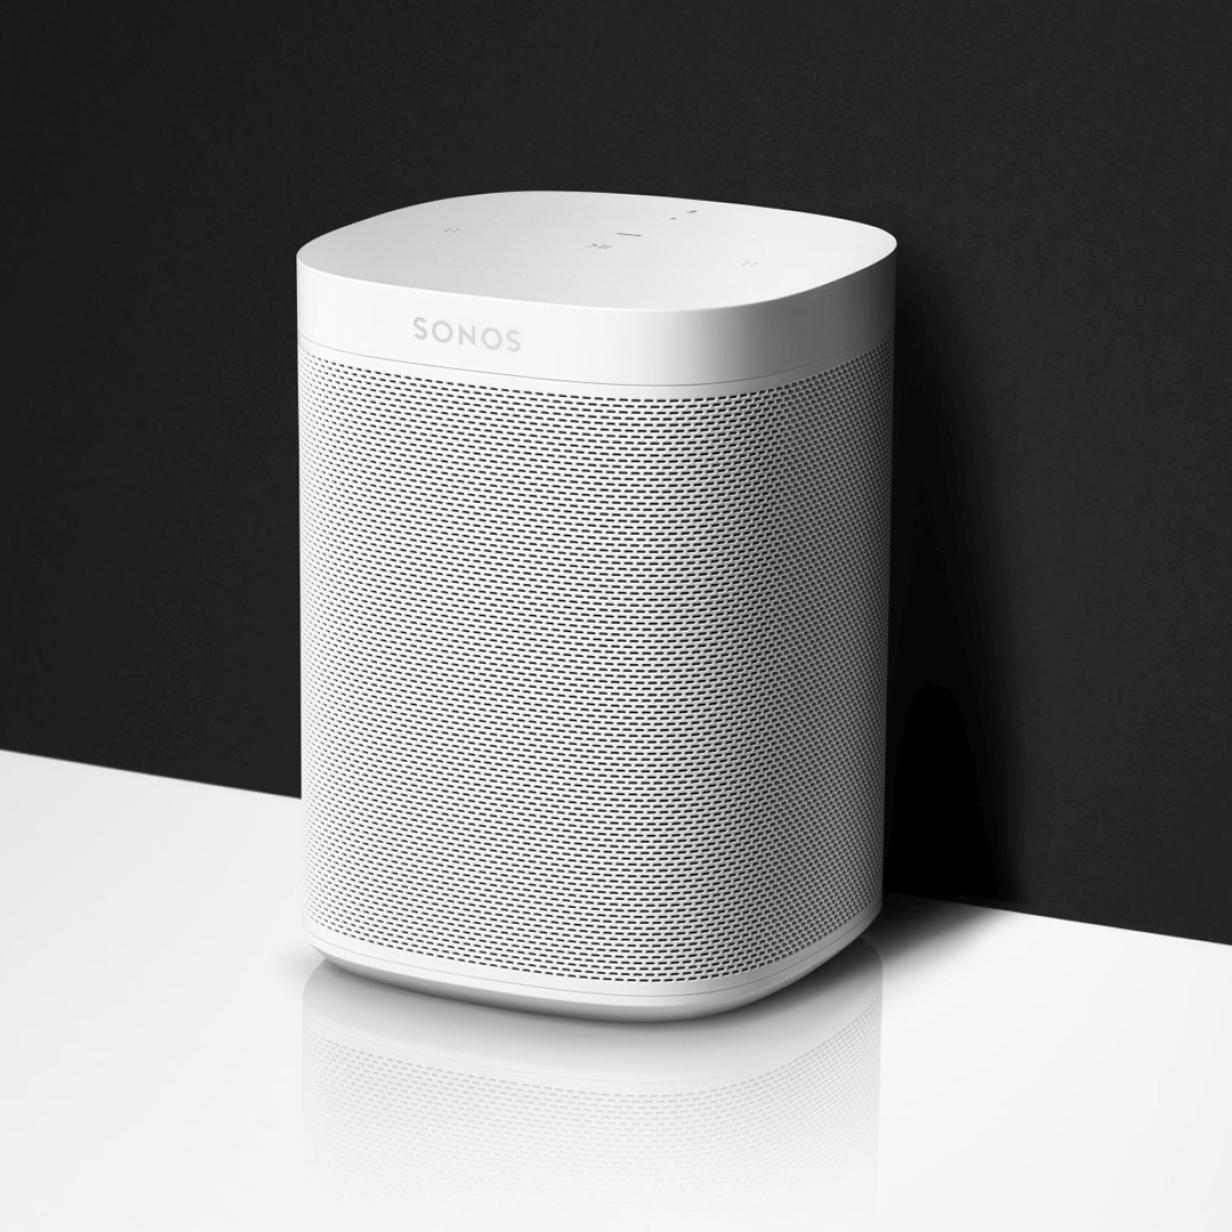 Sonos: Smarte Lautsprecher auch mit Google Assistant